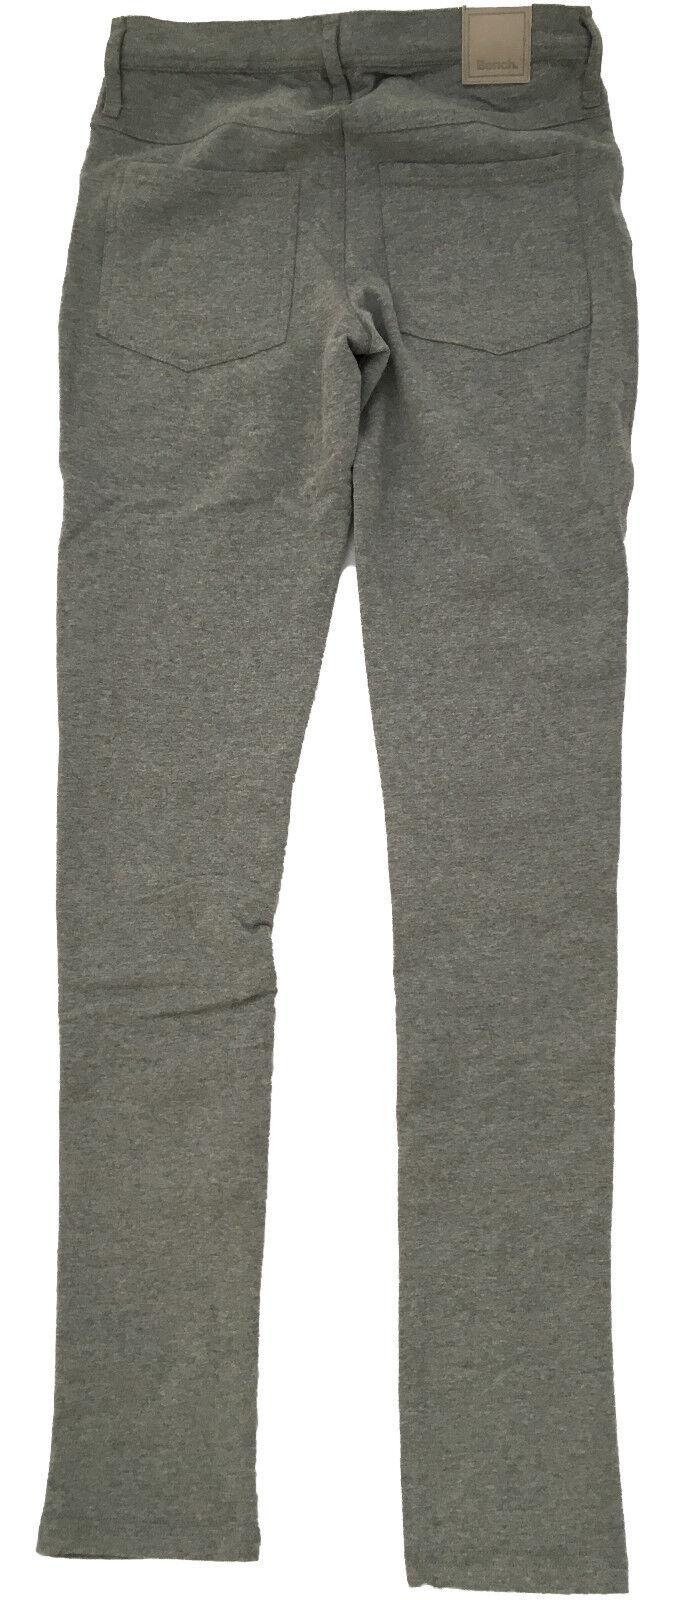 BENCH Fast grigio pants donna pantaloni donna grigi cod. cod. cod. M1023 dd8ec5